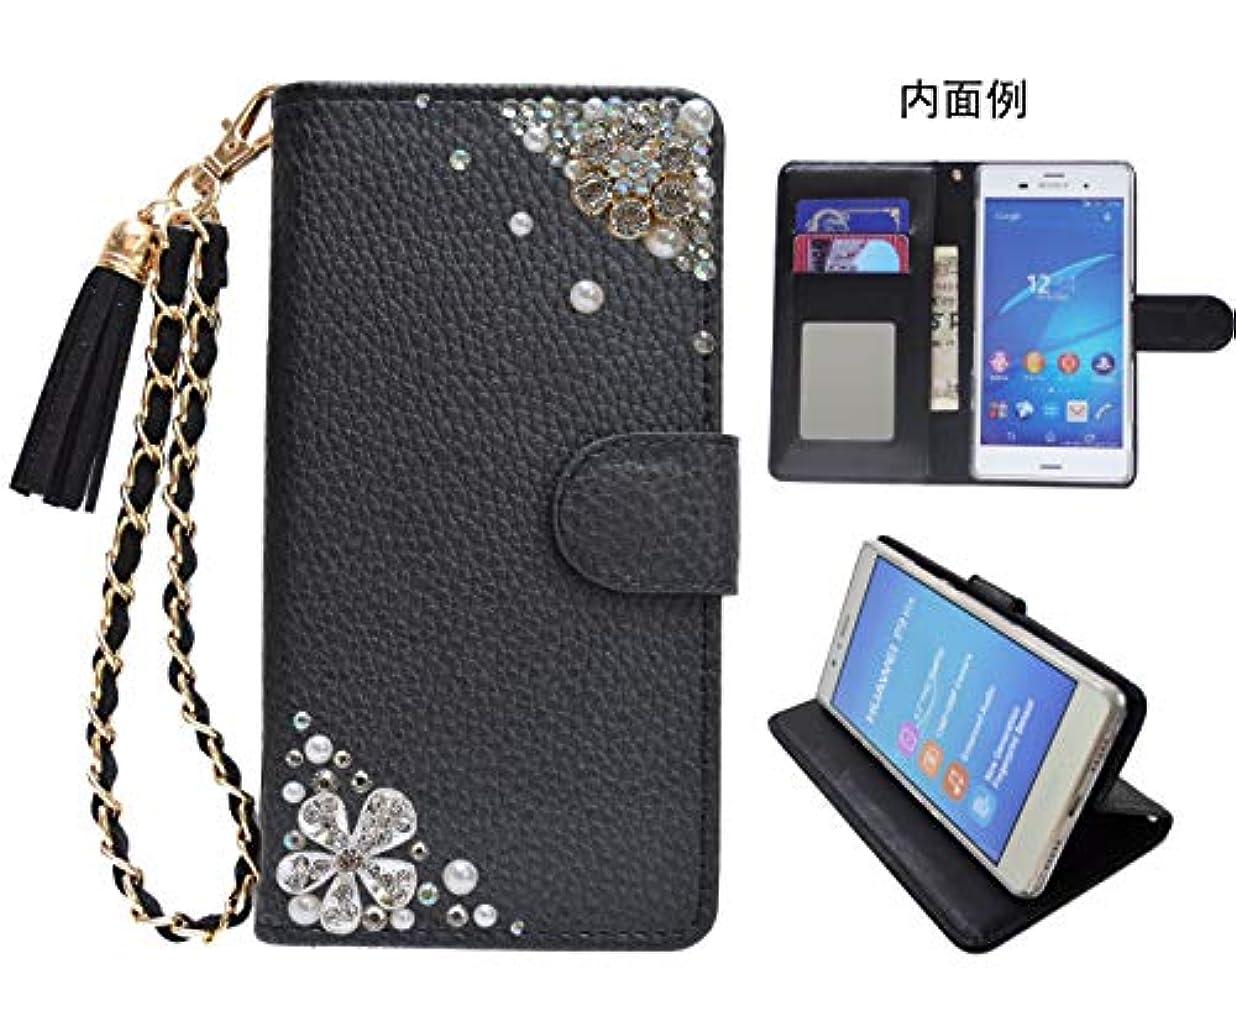 むさぼり食う境界美人「kaupili」 Xperia Z2 (SO-03F)ケース 鏡/ミラー付き カード収納 スタンド機能 手帳型 お財布機能付き 化粧鏡付き